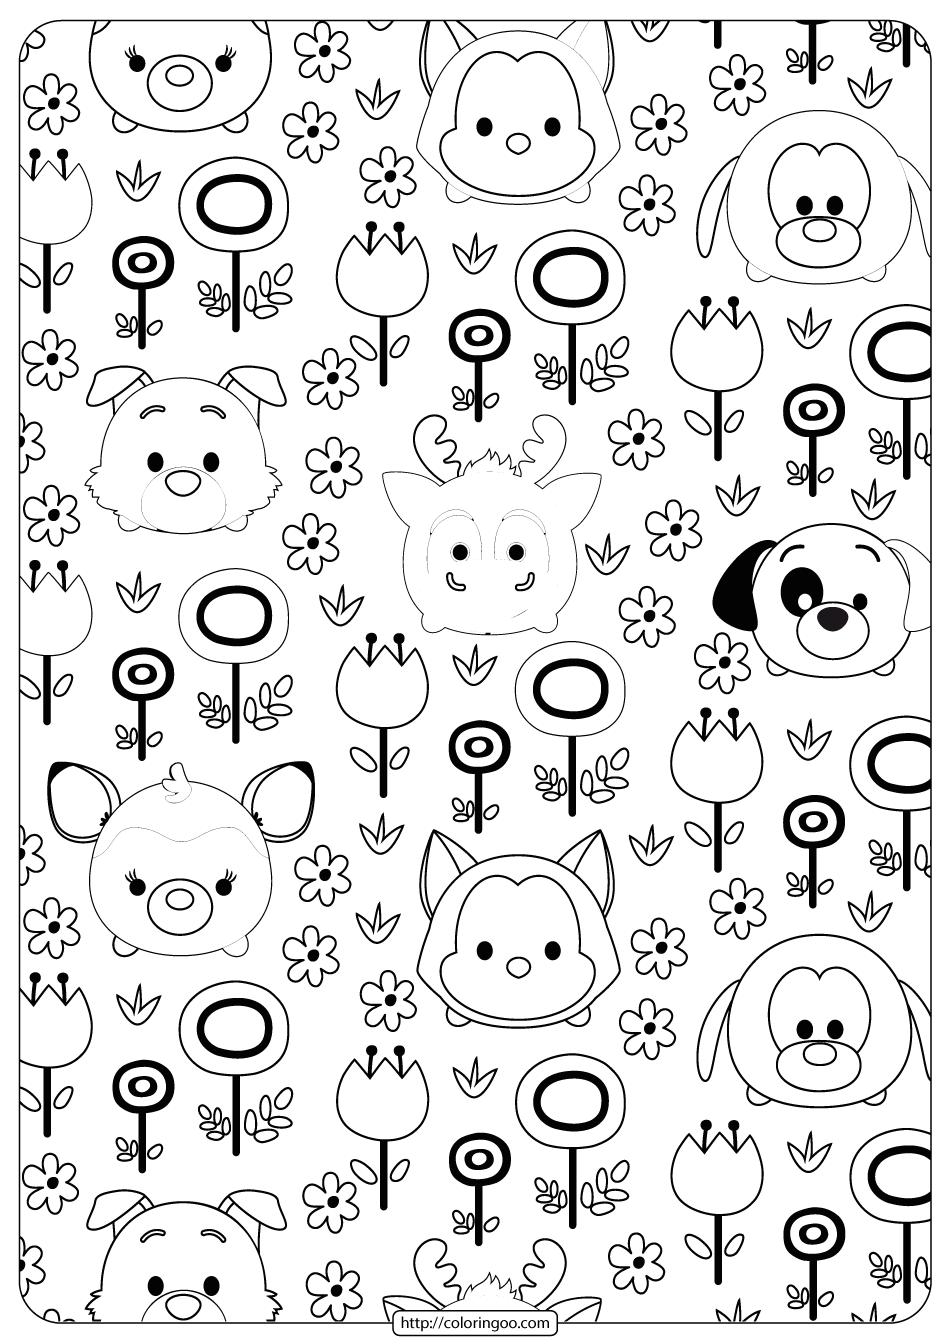 Disney Tsum Tsum Garden Coloring Pages Garden Coloring Pages Tsum Tsum Coloring Pages Coloring Pages